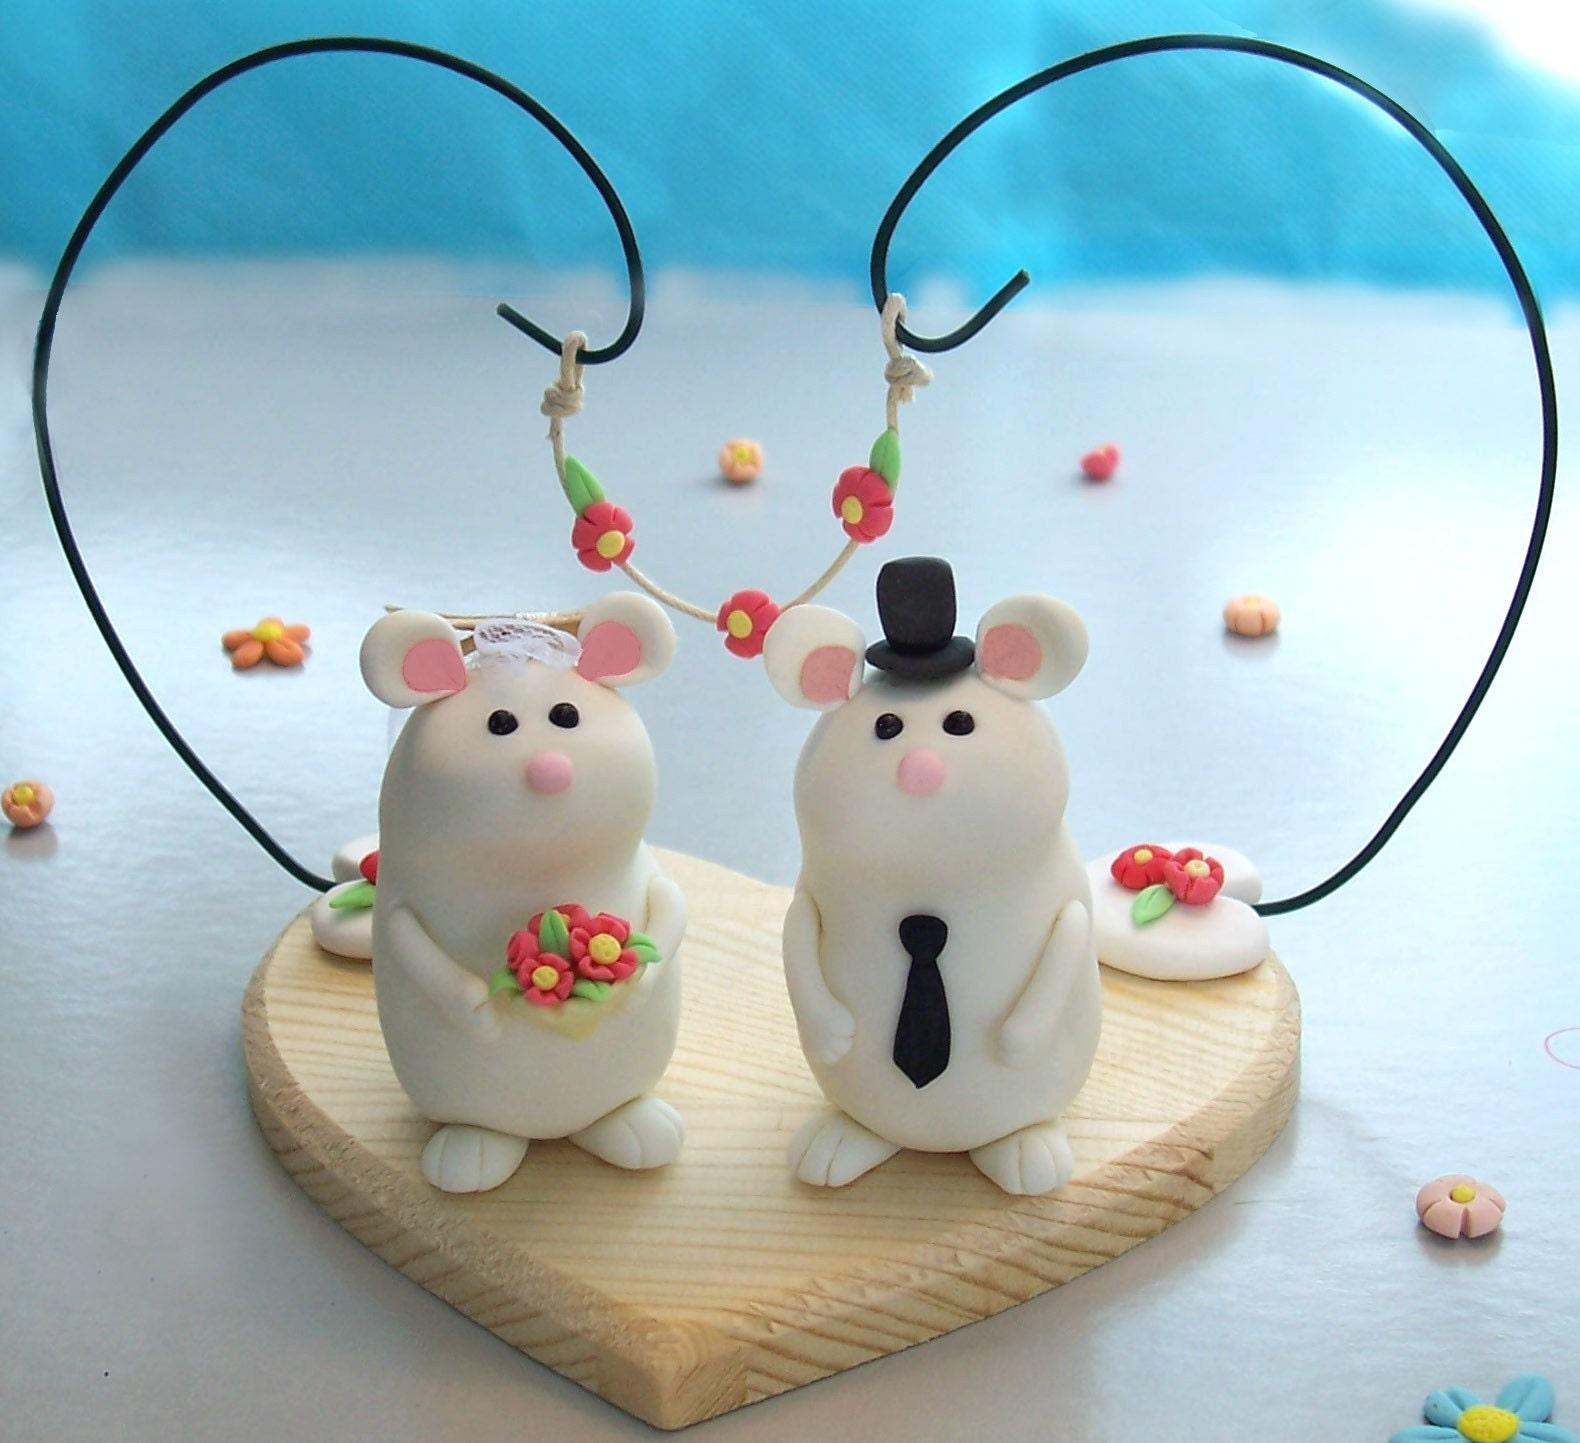 Unique Cake Decor : Ideias Originais para a Decoracao do Topo do Bolo e ...